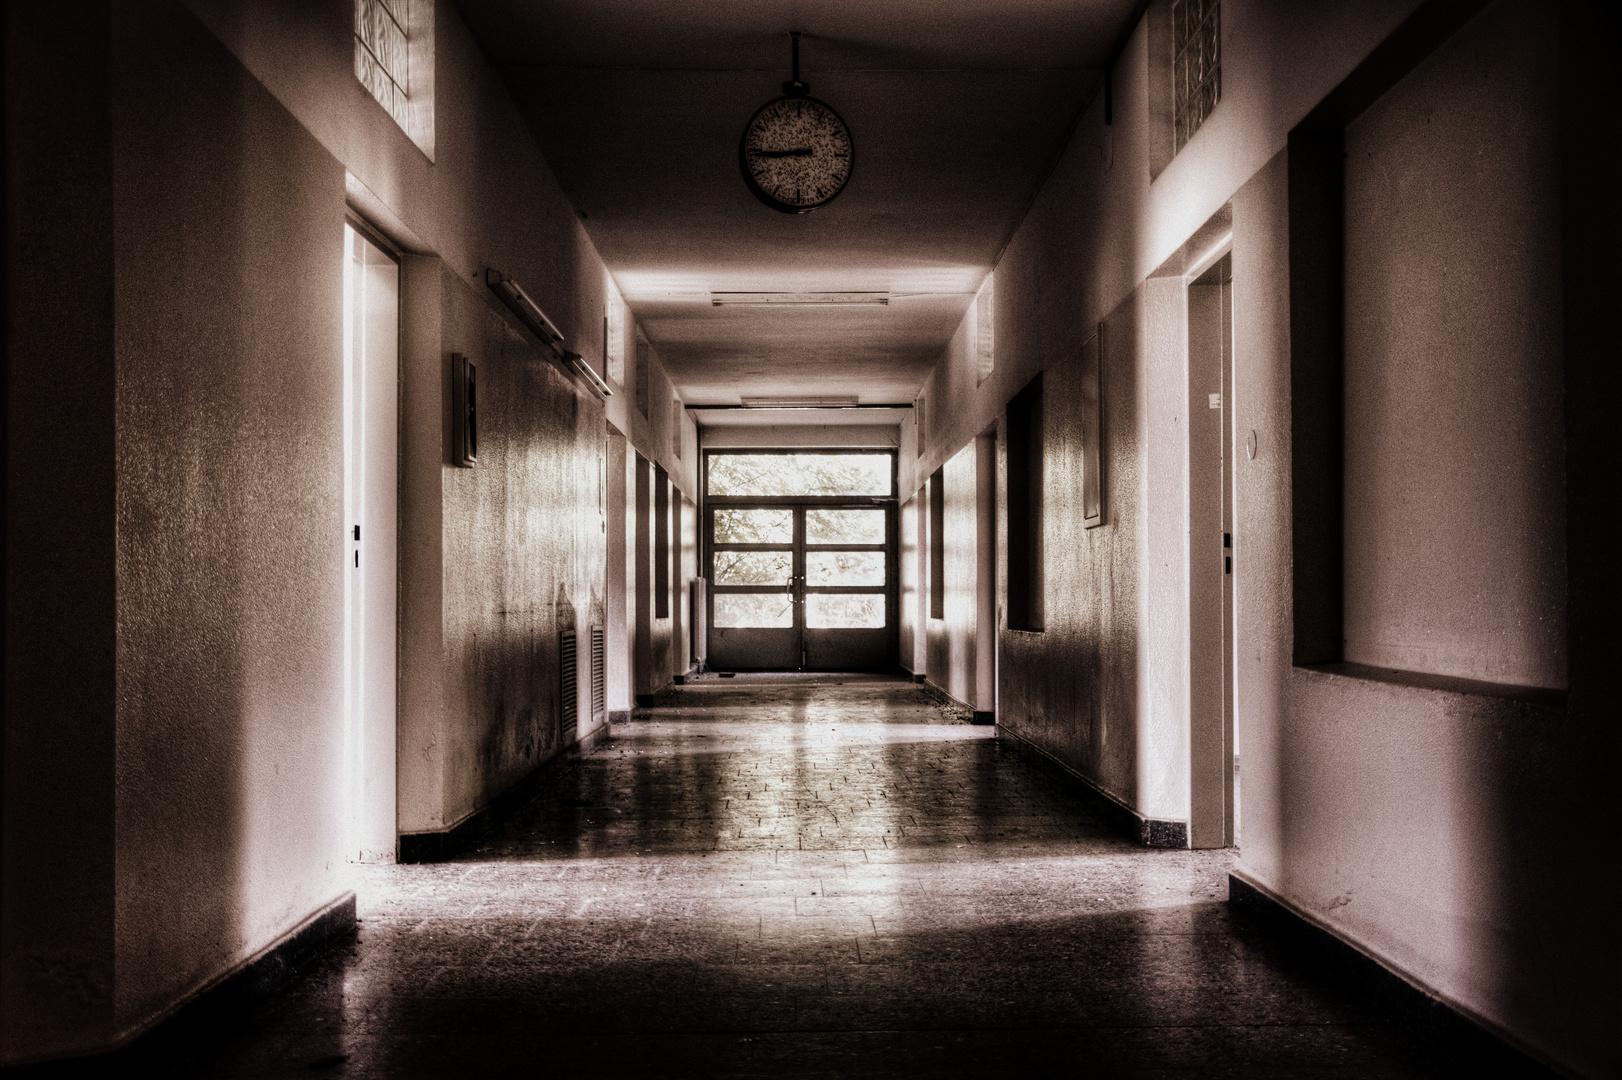 heute, unterwegs in dunklen Gängen...